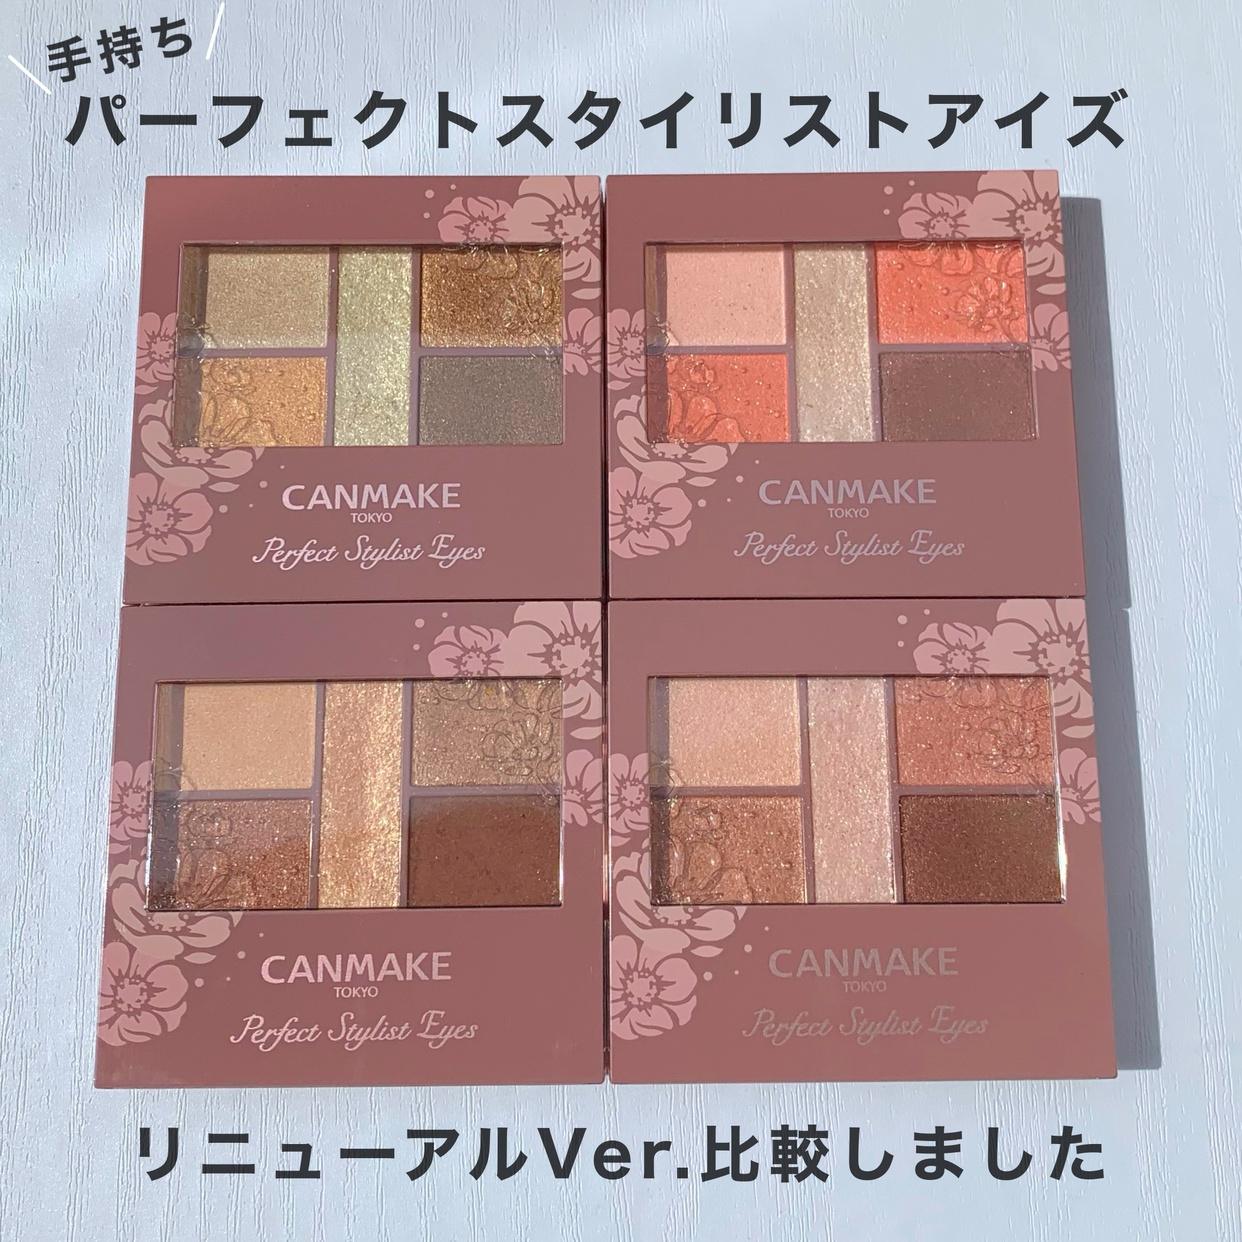 CANMAKE(キャンメイク)パーフェクトスタイリストアイズを使ったKeiさんのクチコミ画像